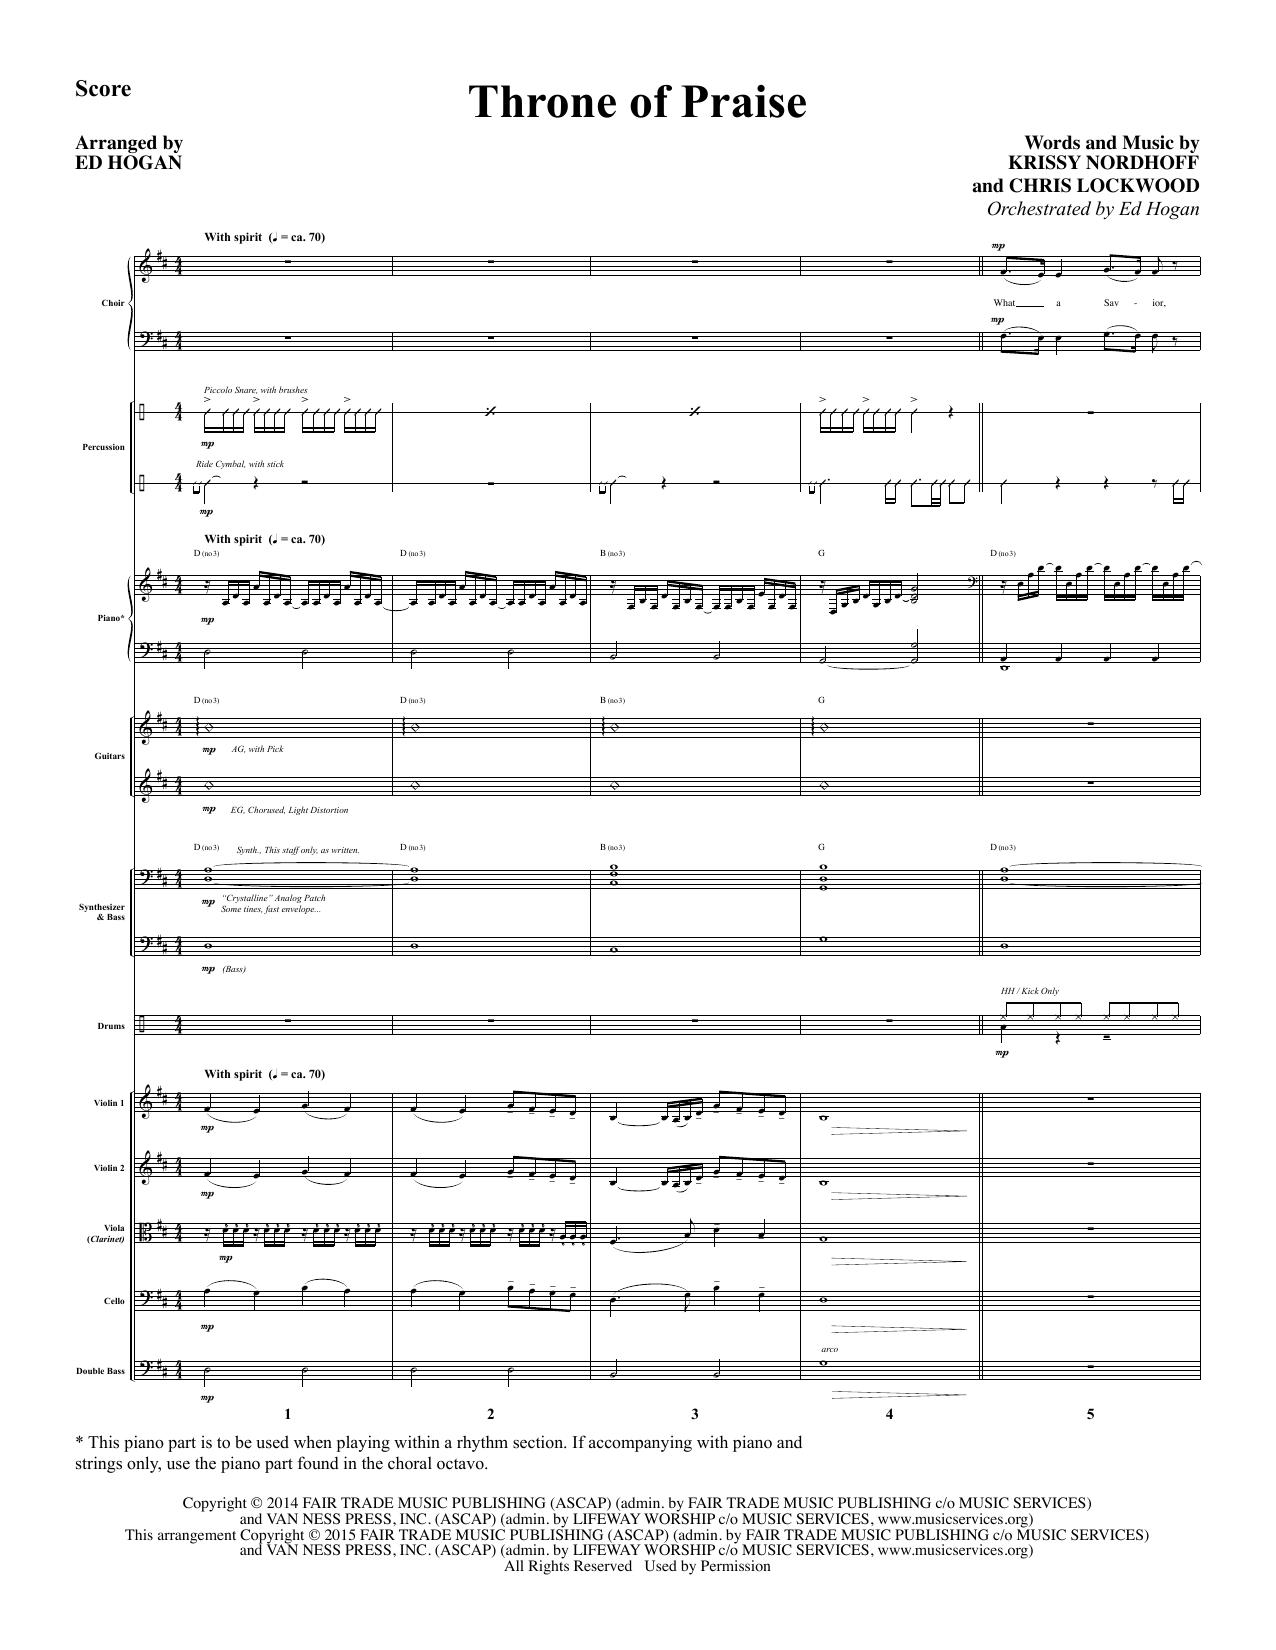 Throne of Praise - Full Score sheet music